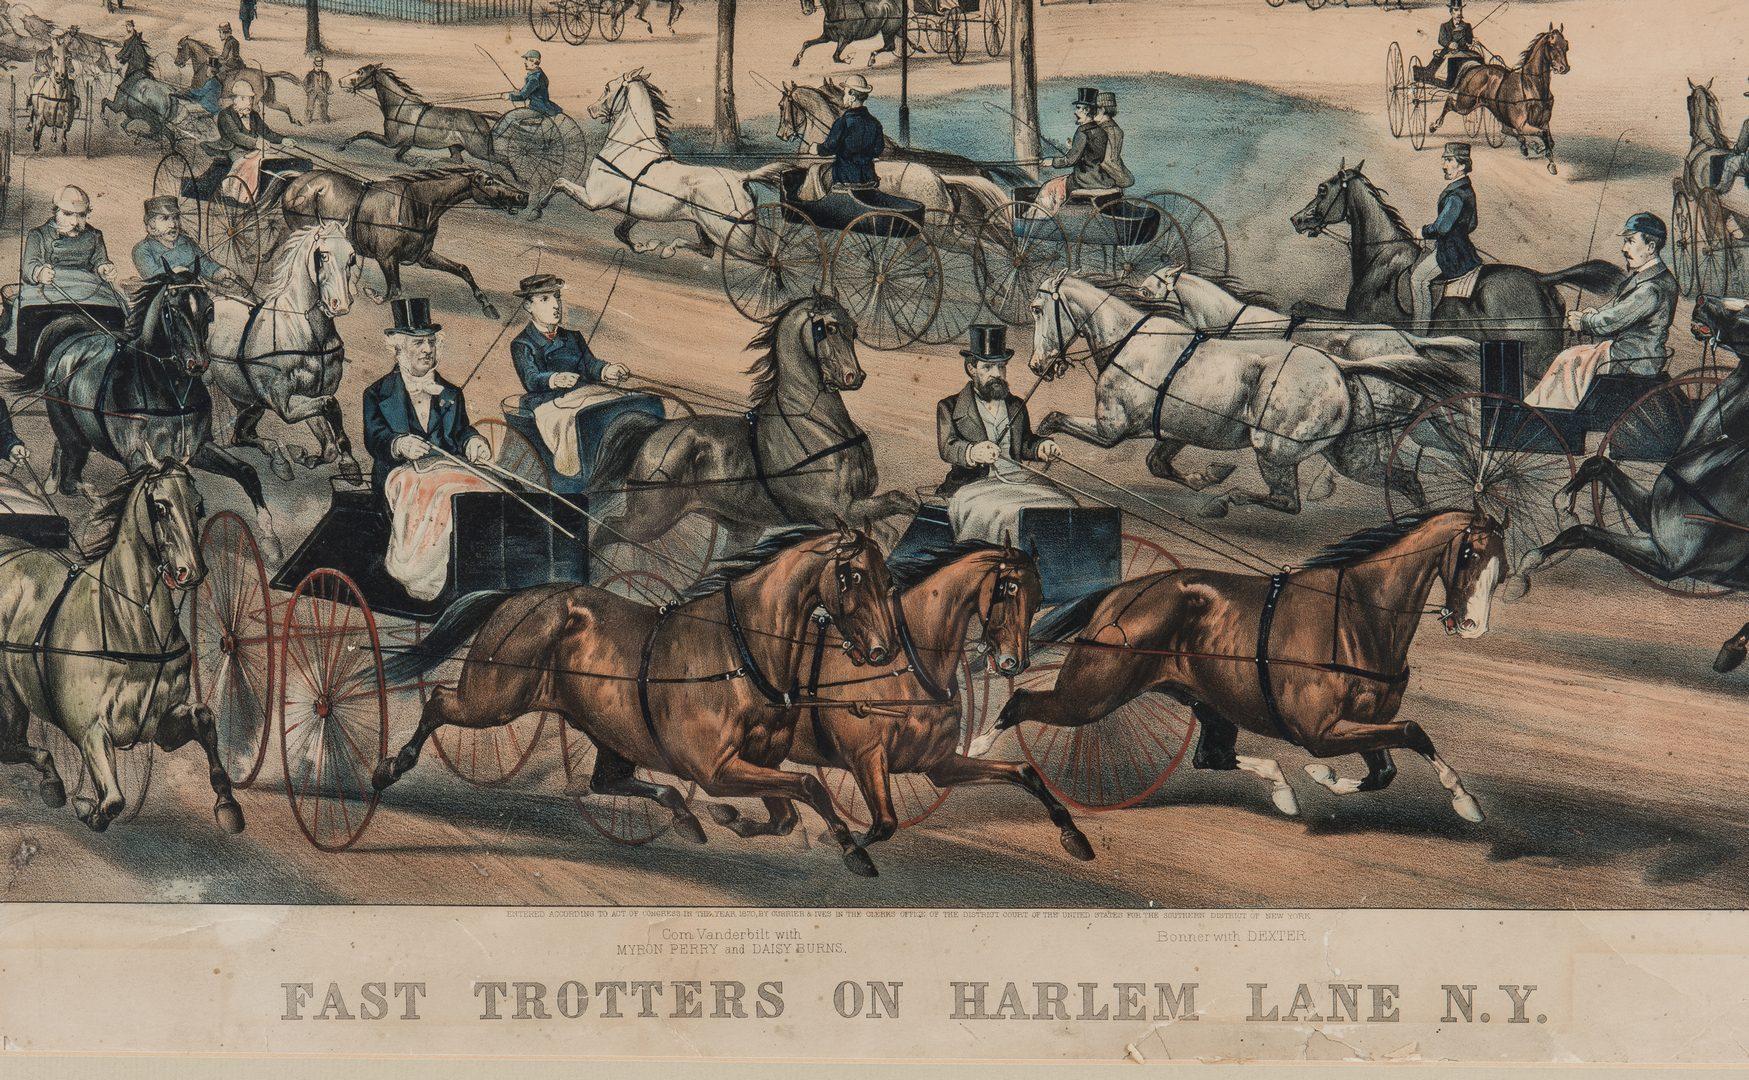 Lot 218: Currier & Ives, Fast Trotters on Harlem Lane, 1870